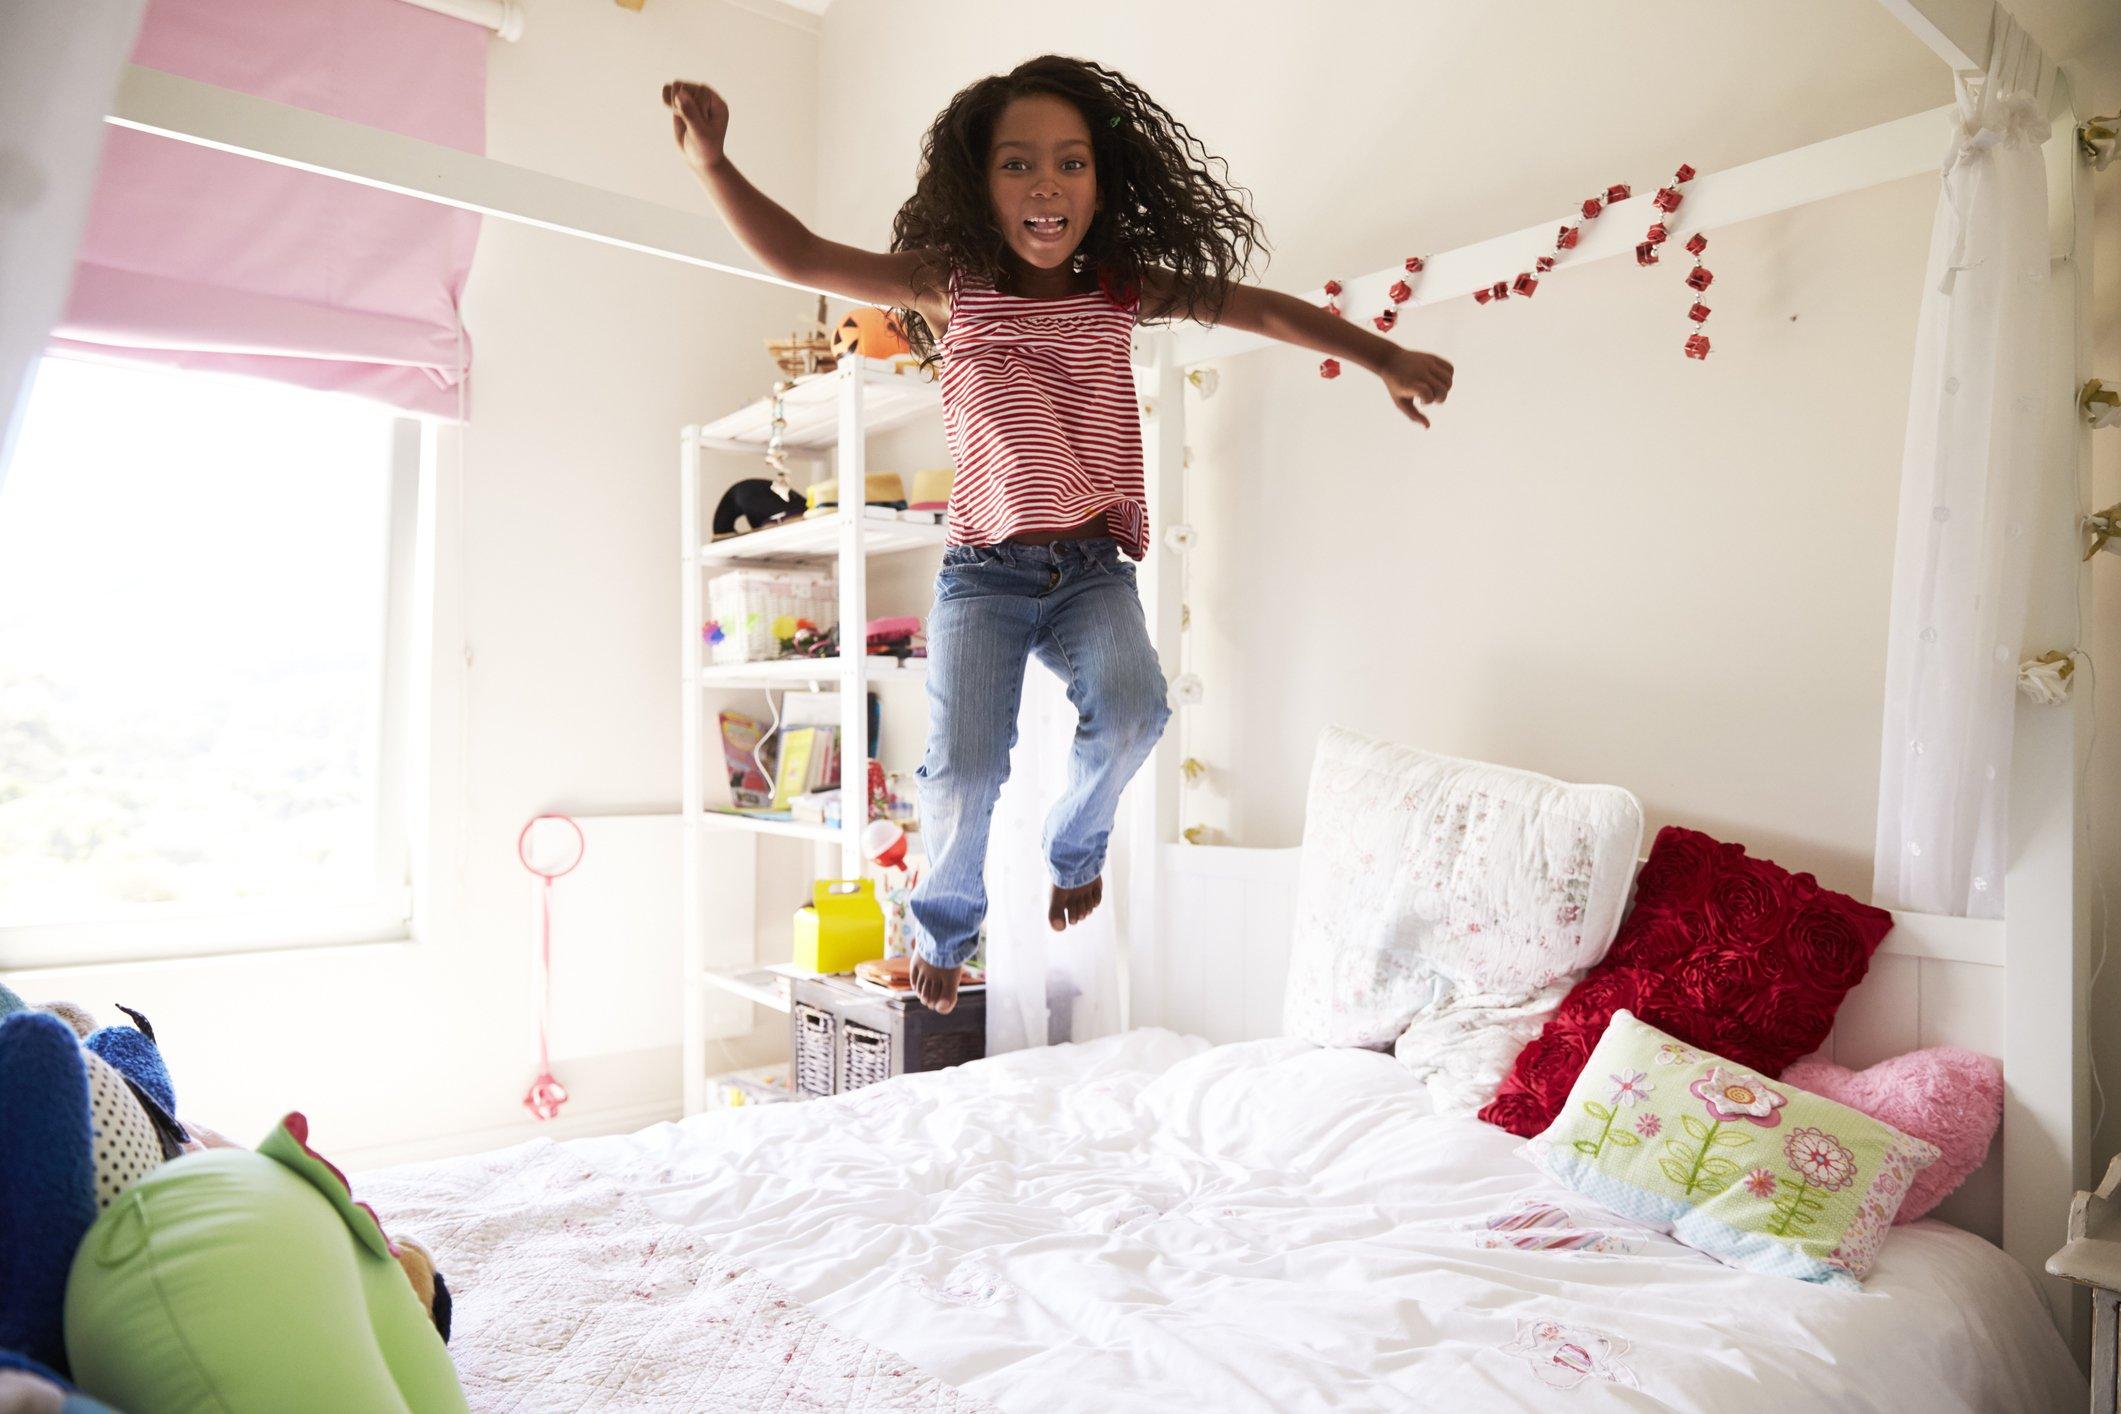 Mädchen hüpft auf ihrem Bett